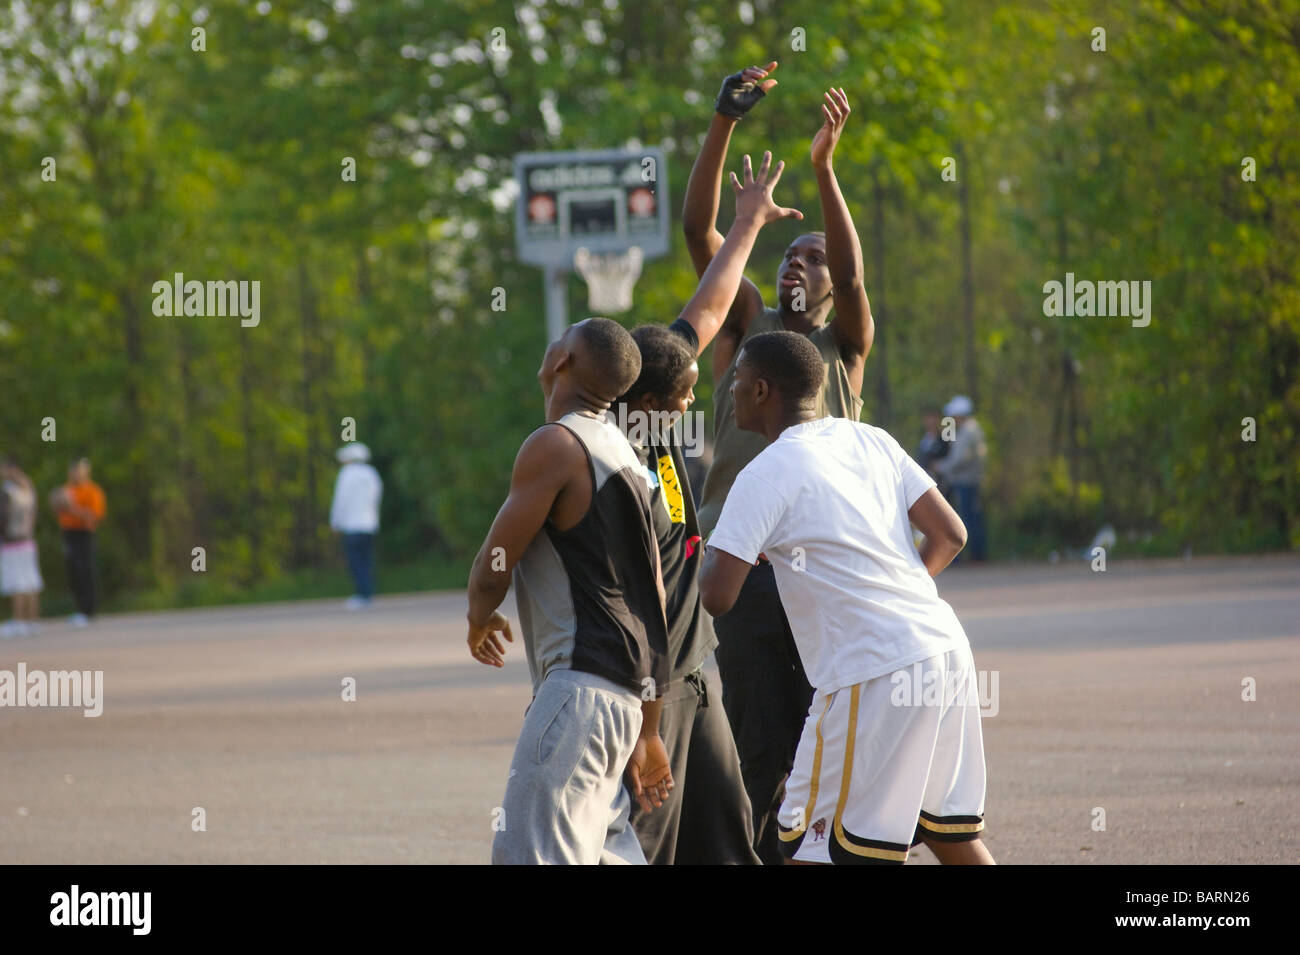 Casual gioco di basket in una domenica pomeriggio a Finsbury Park Londra Inghilterra REGNO UNITO Immagini Stock